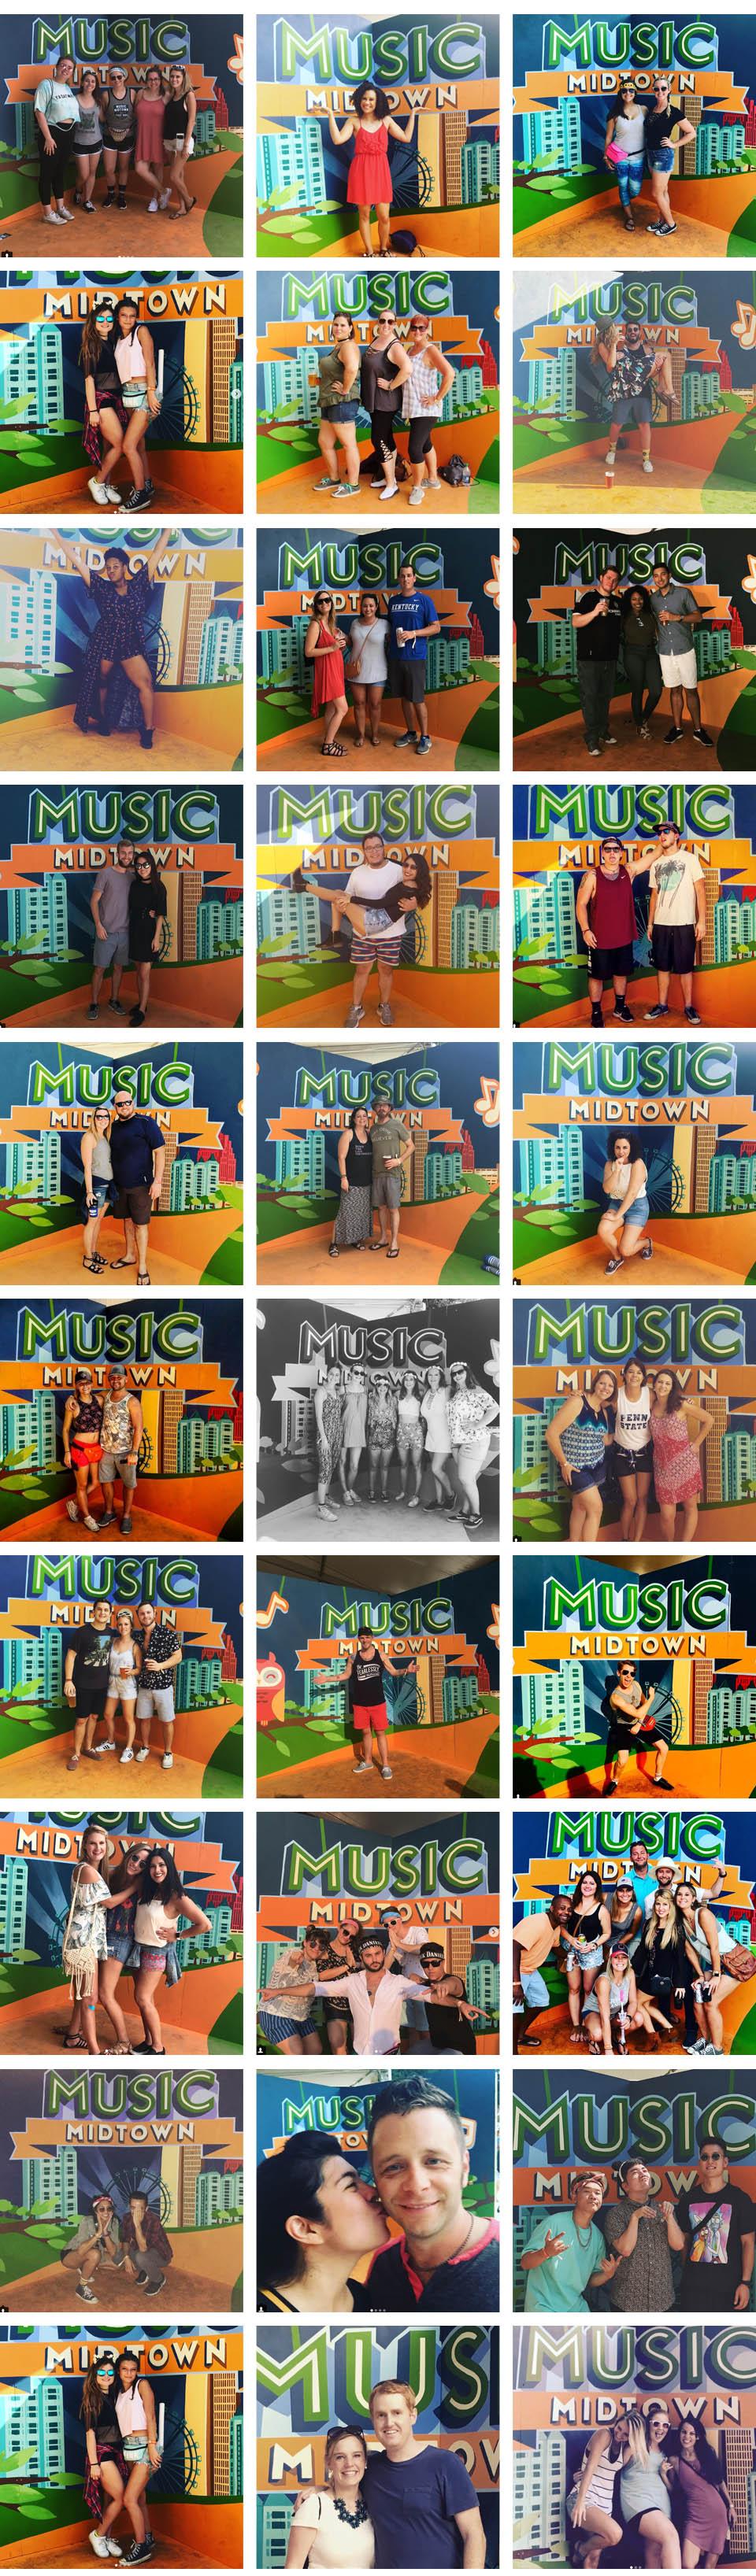 MusicMidtown2017_Mural_Jessi_Queen